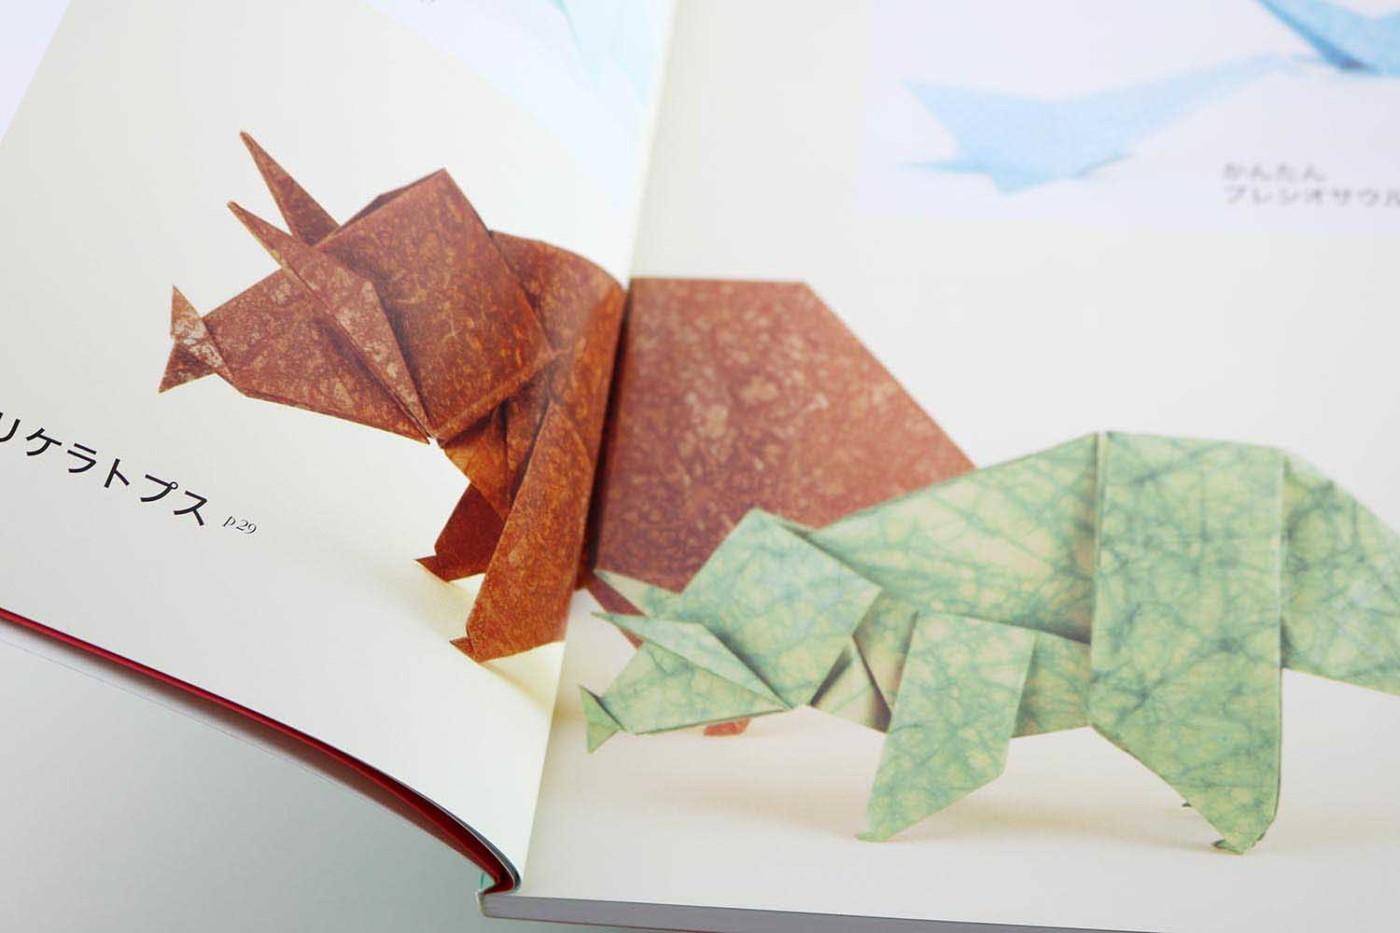 Origami Spinosaurus tutorial (Shuki Kato) Part 1 dinosaur 折り紙 ... | 933x1400